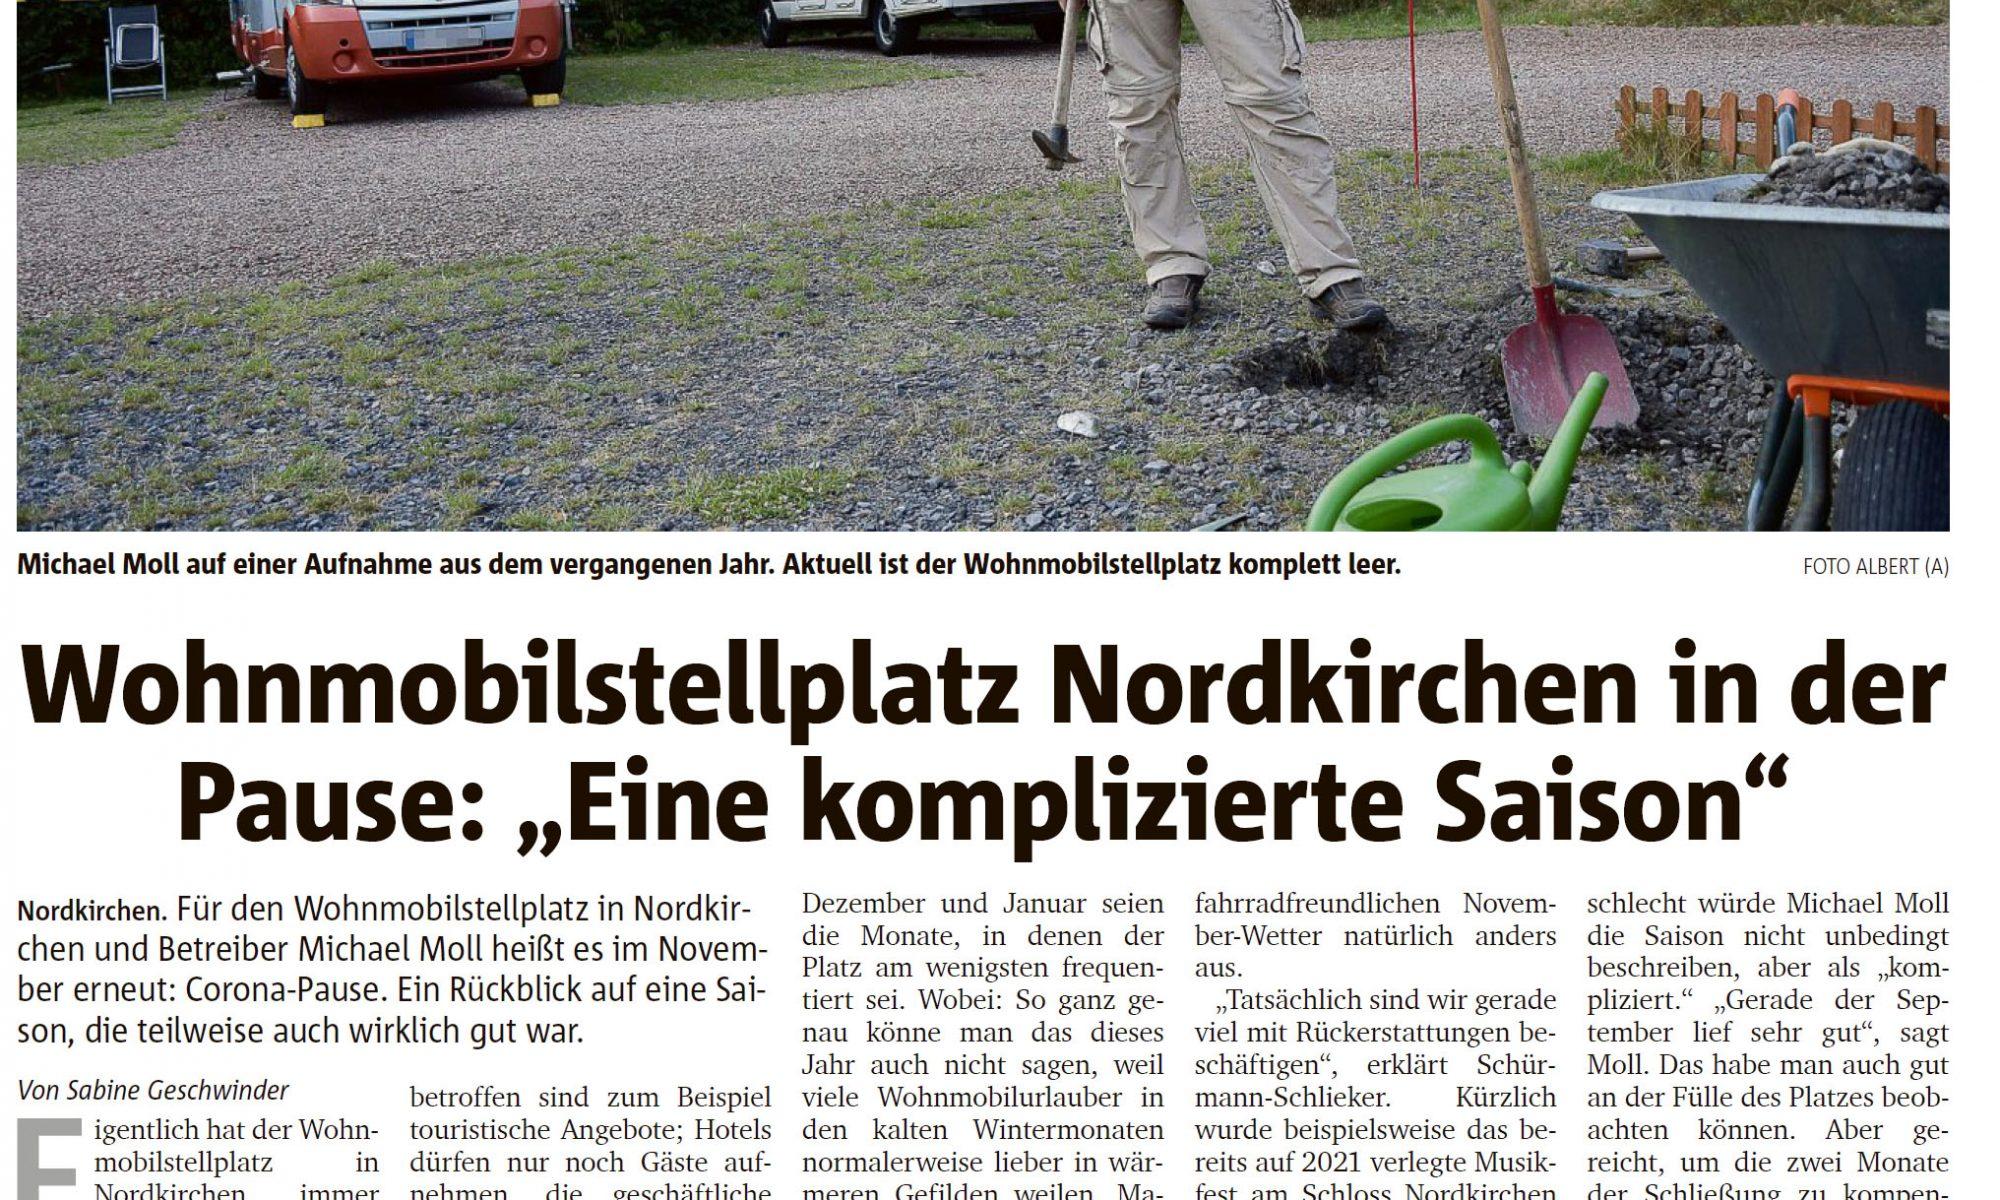 Ruhrnachrichten vom 5. November 2020